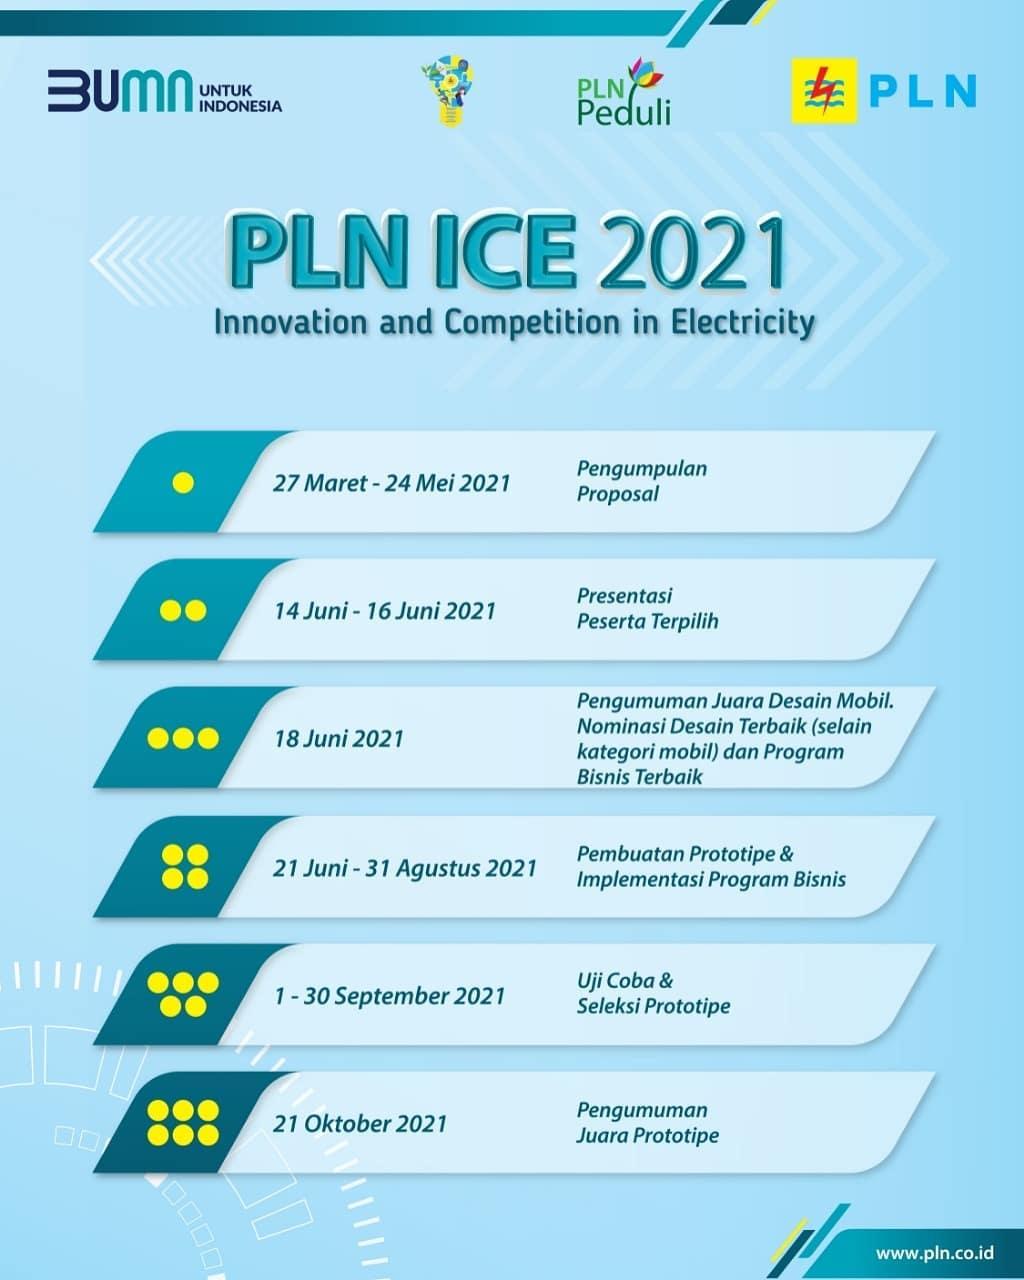 segera daftar, kompetisi inovasi pln berhadiah satu miliar